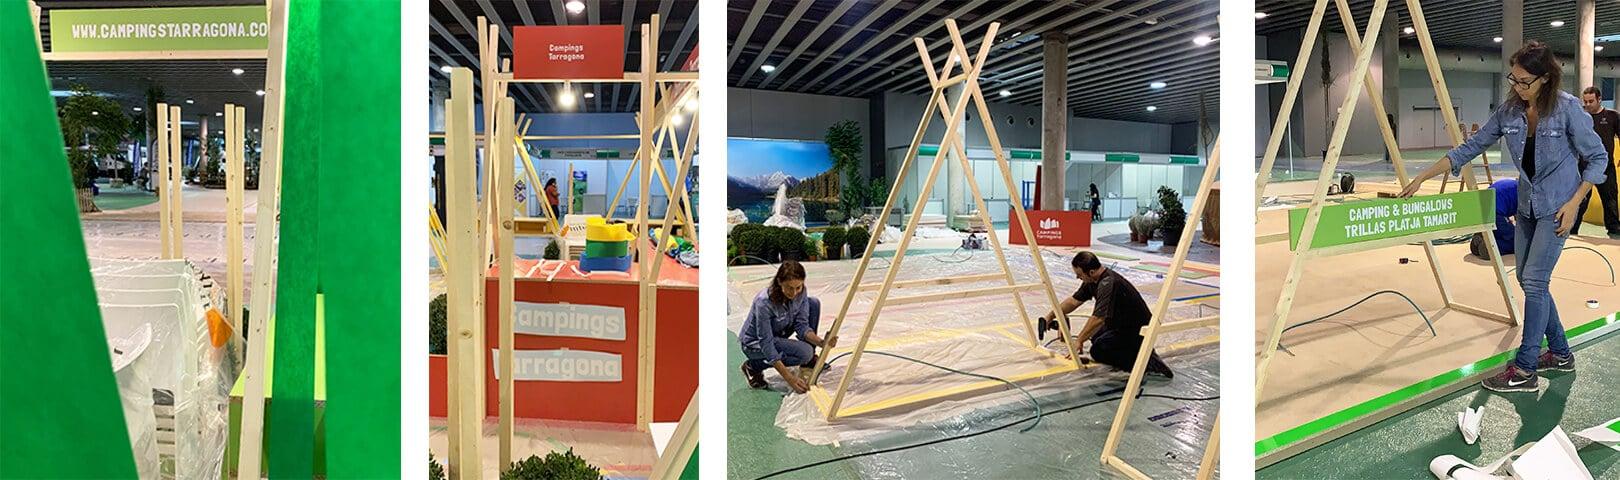 Diseño Gráfico de stand para Campigs Tarragona